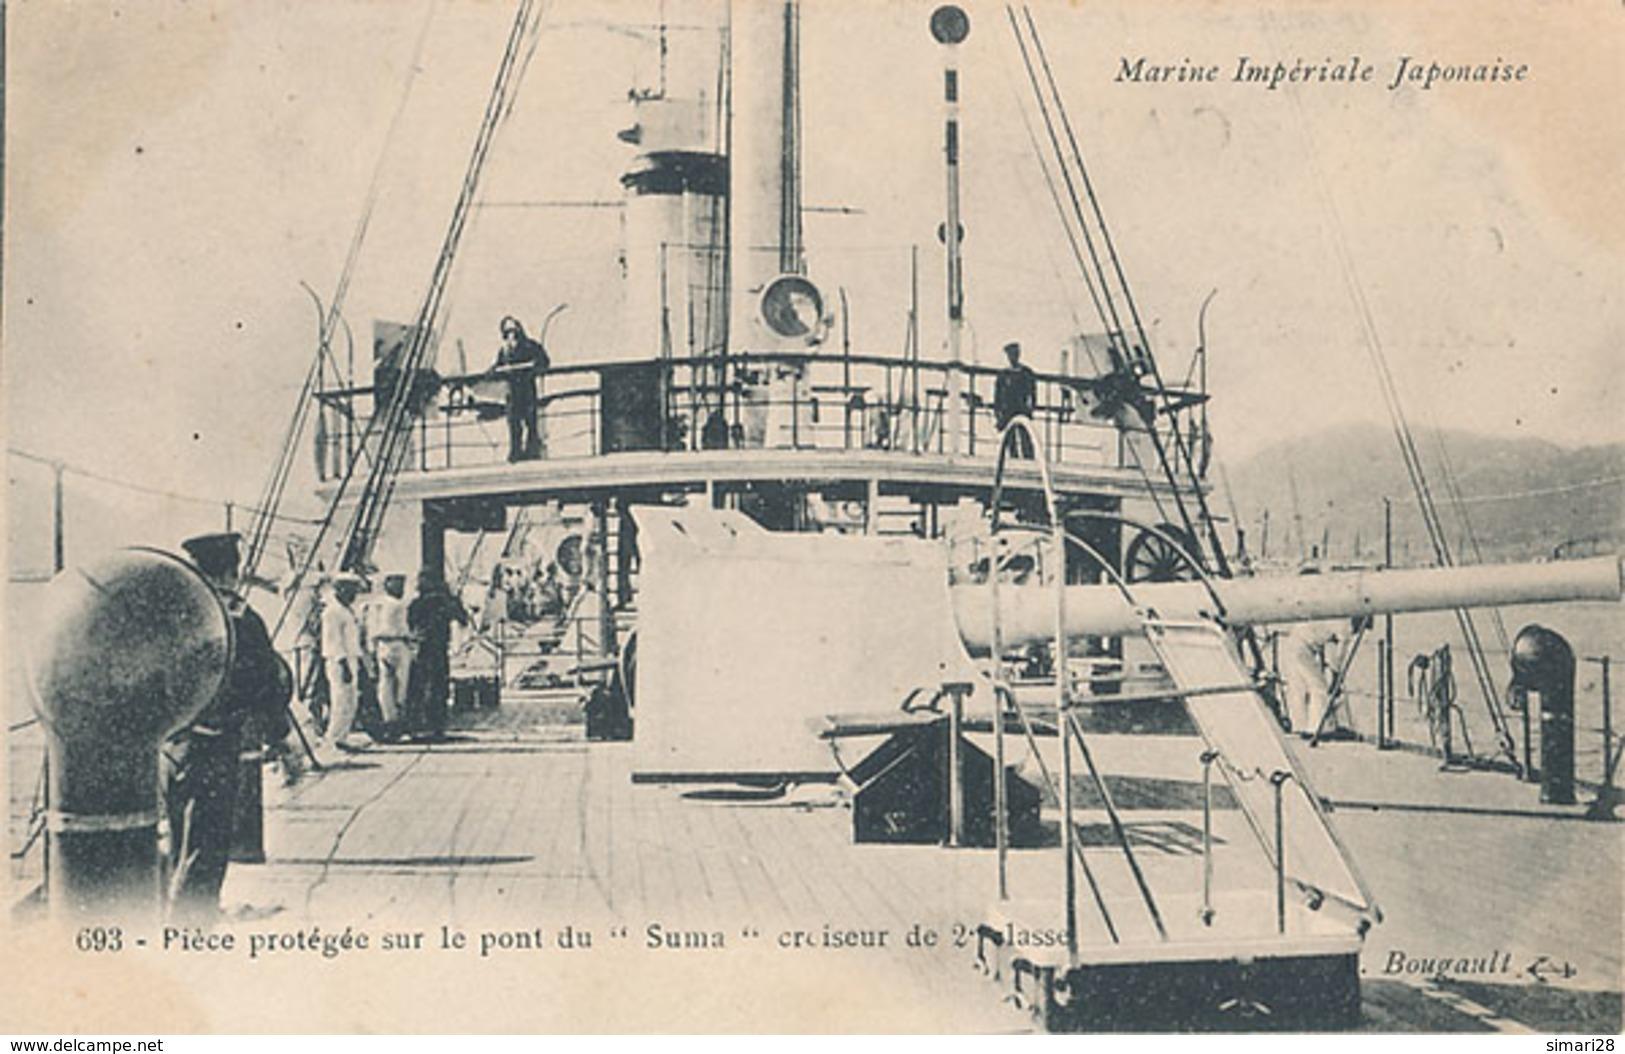 MARINE IMPERIALE JAPONAISE - N° 693 - SUMA - PIECE PROTEGEE SUR LE PONT DU SUMA CROISSEUR DE 2e CLASSE - Warships